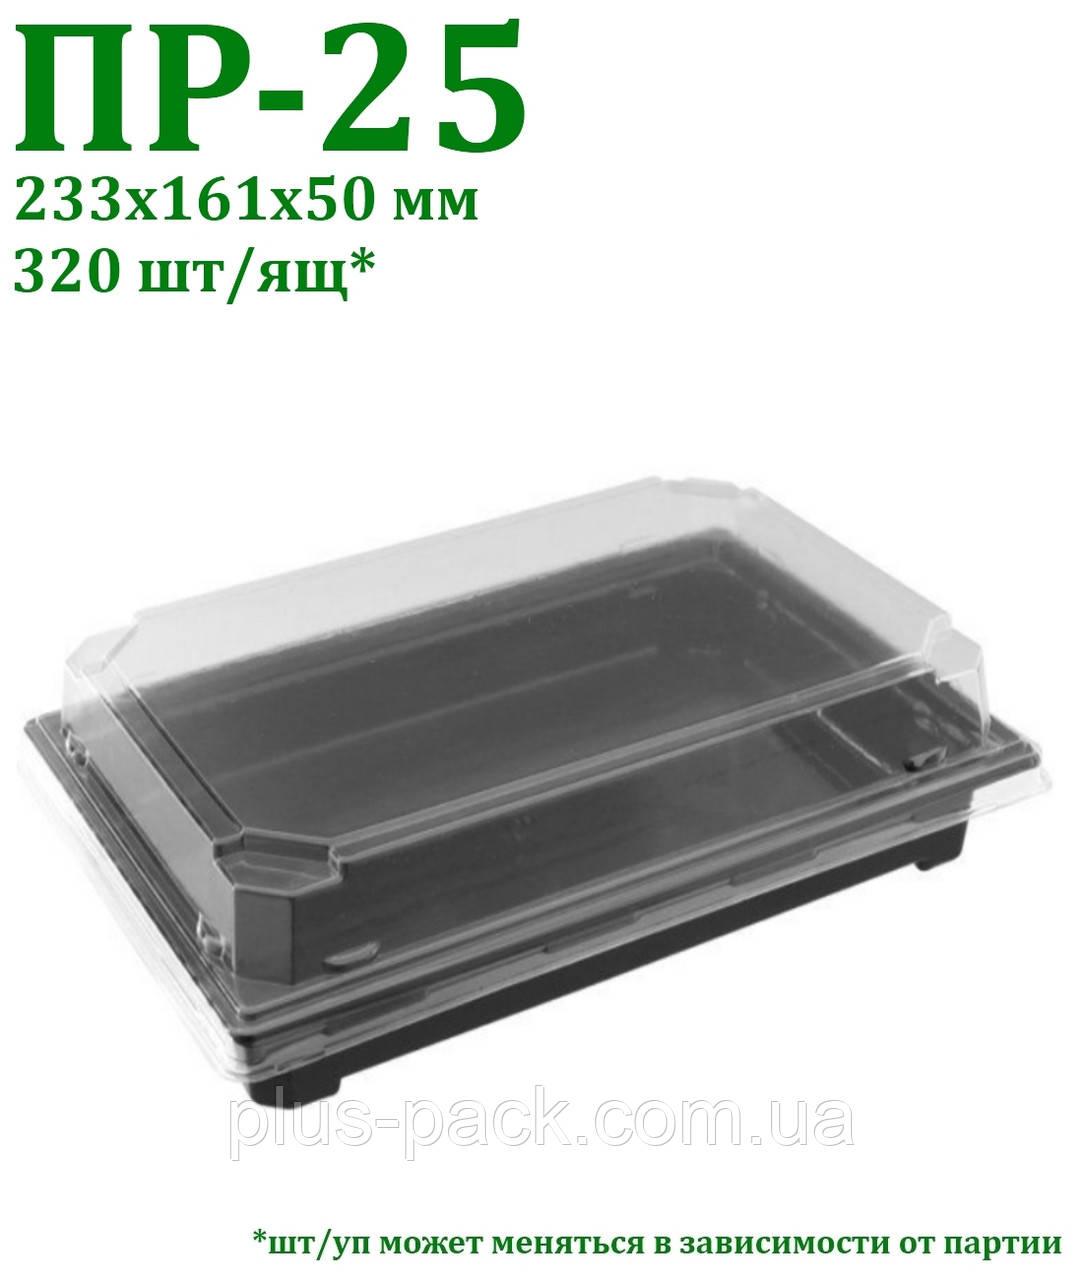 Блістерна одноразова упаковка для суші та ролів ПР-25